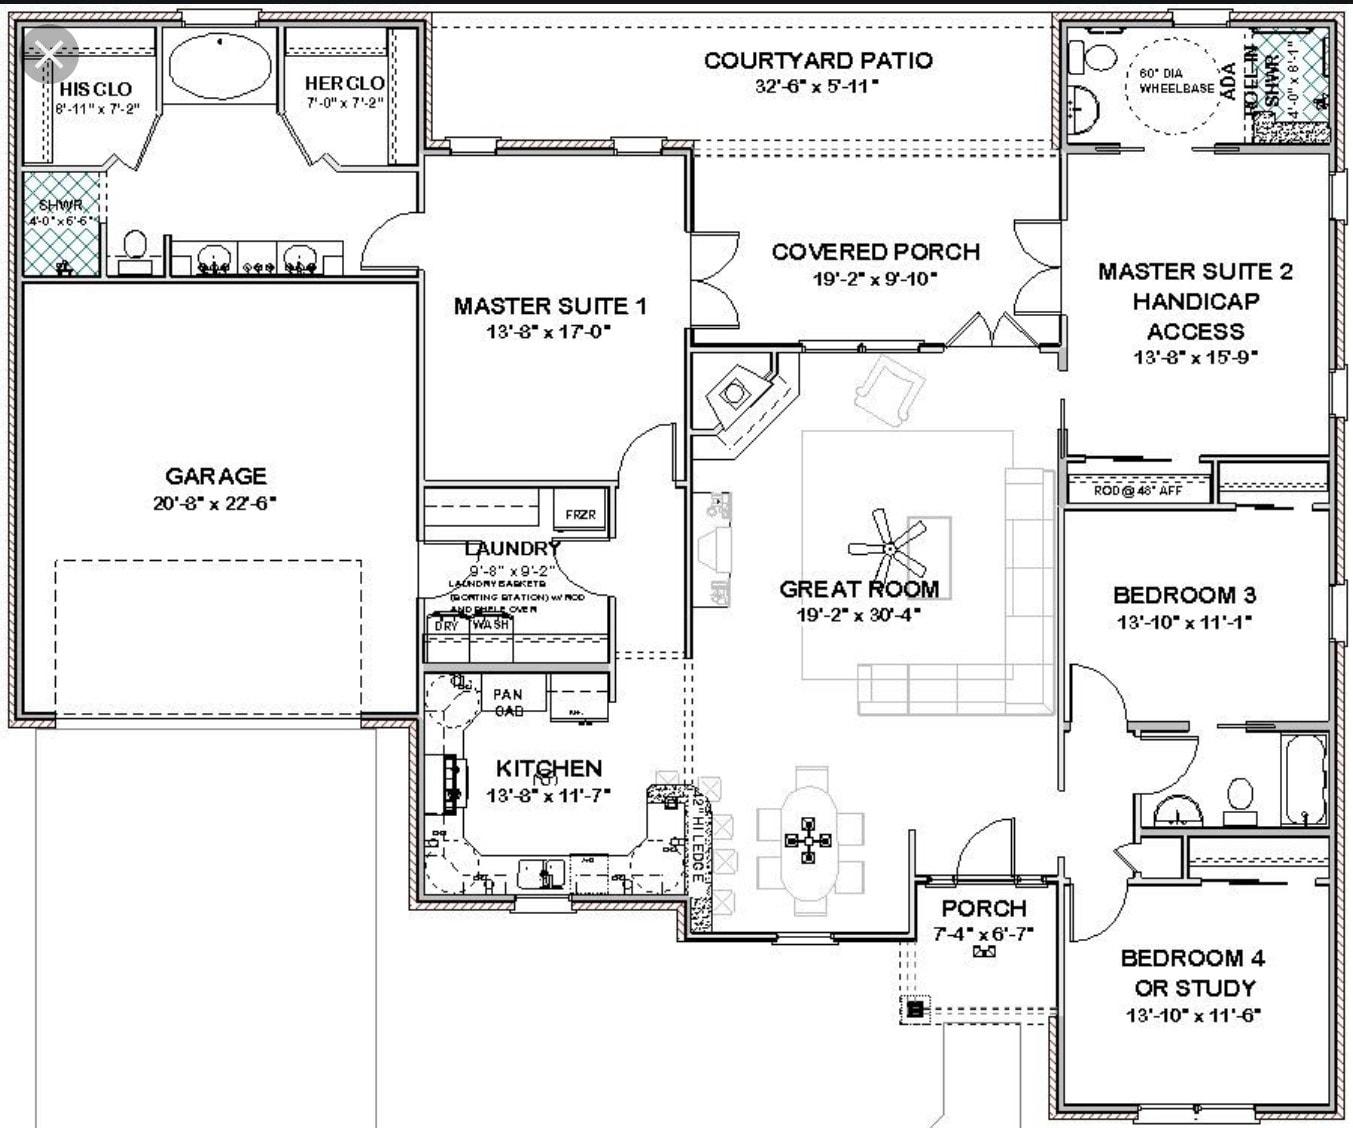 Design Your Architectural Floor Plan In Autocad By Jhoevtoribio Fiverr